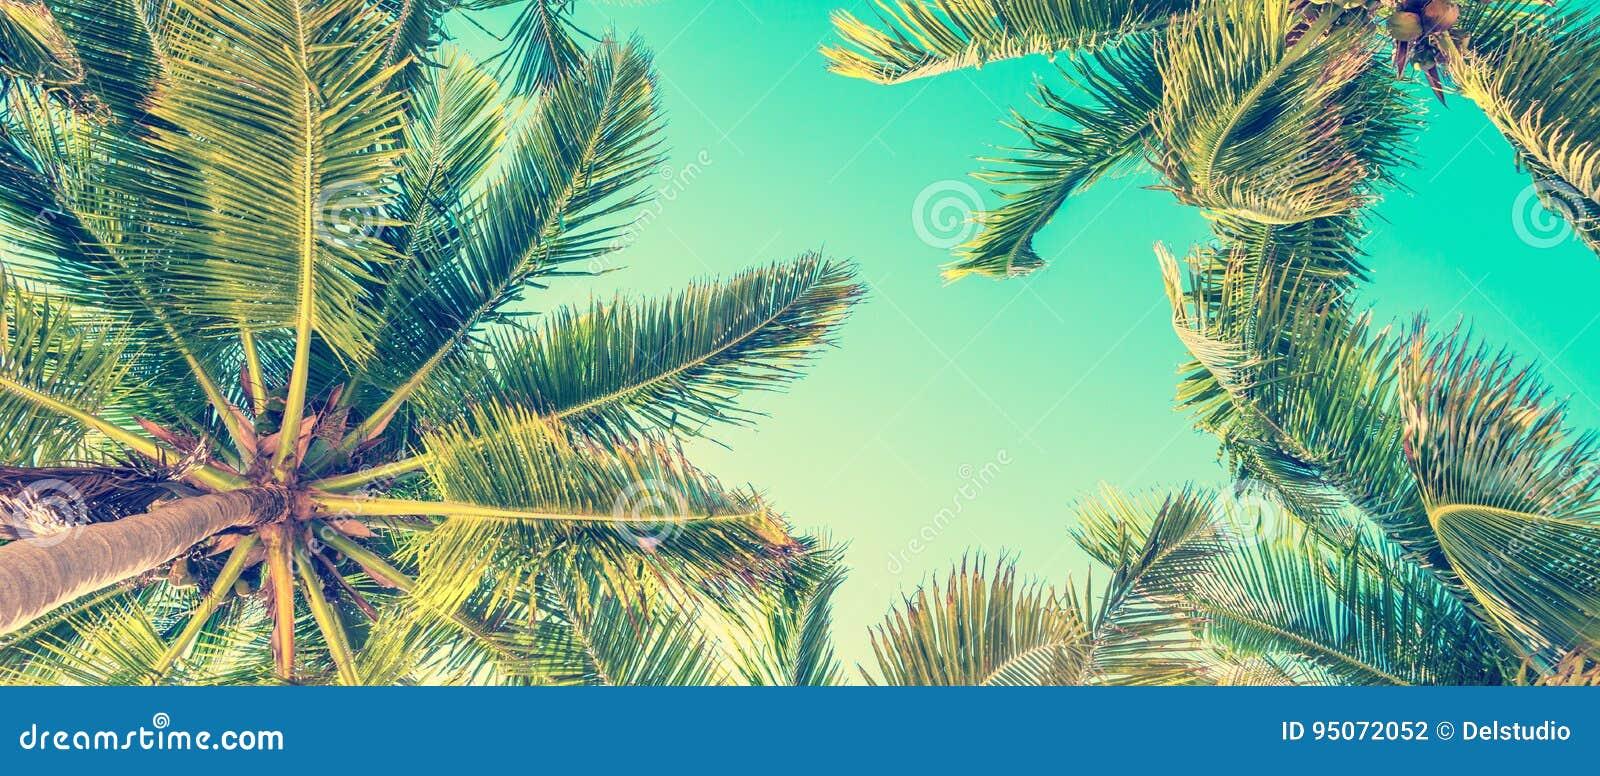 蓝天和从下面棕榈树视图,葡萄酒样式,夏天全景背景